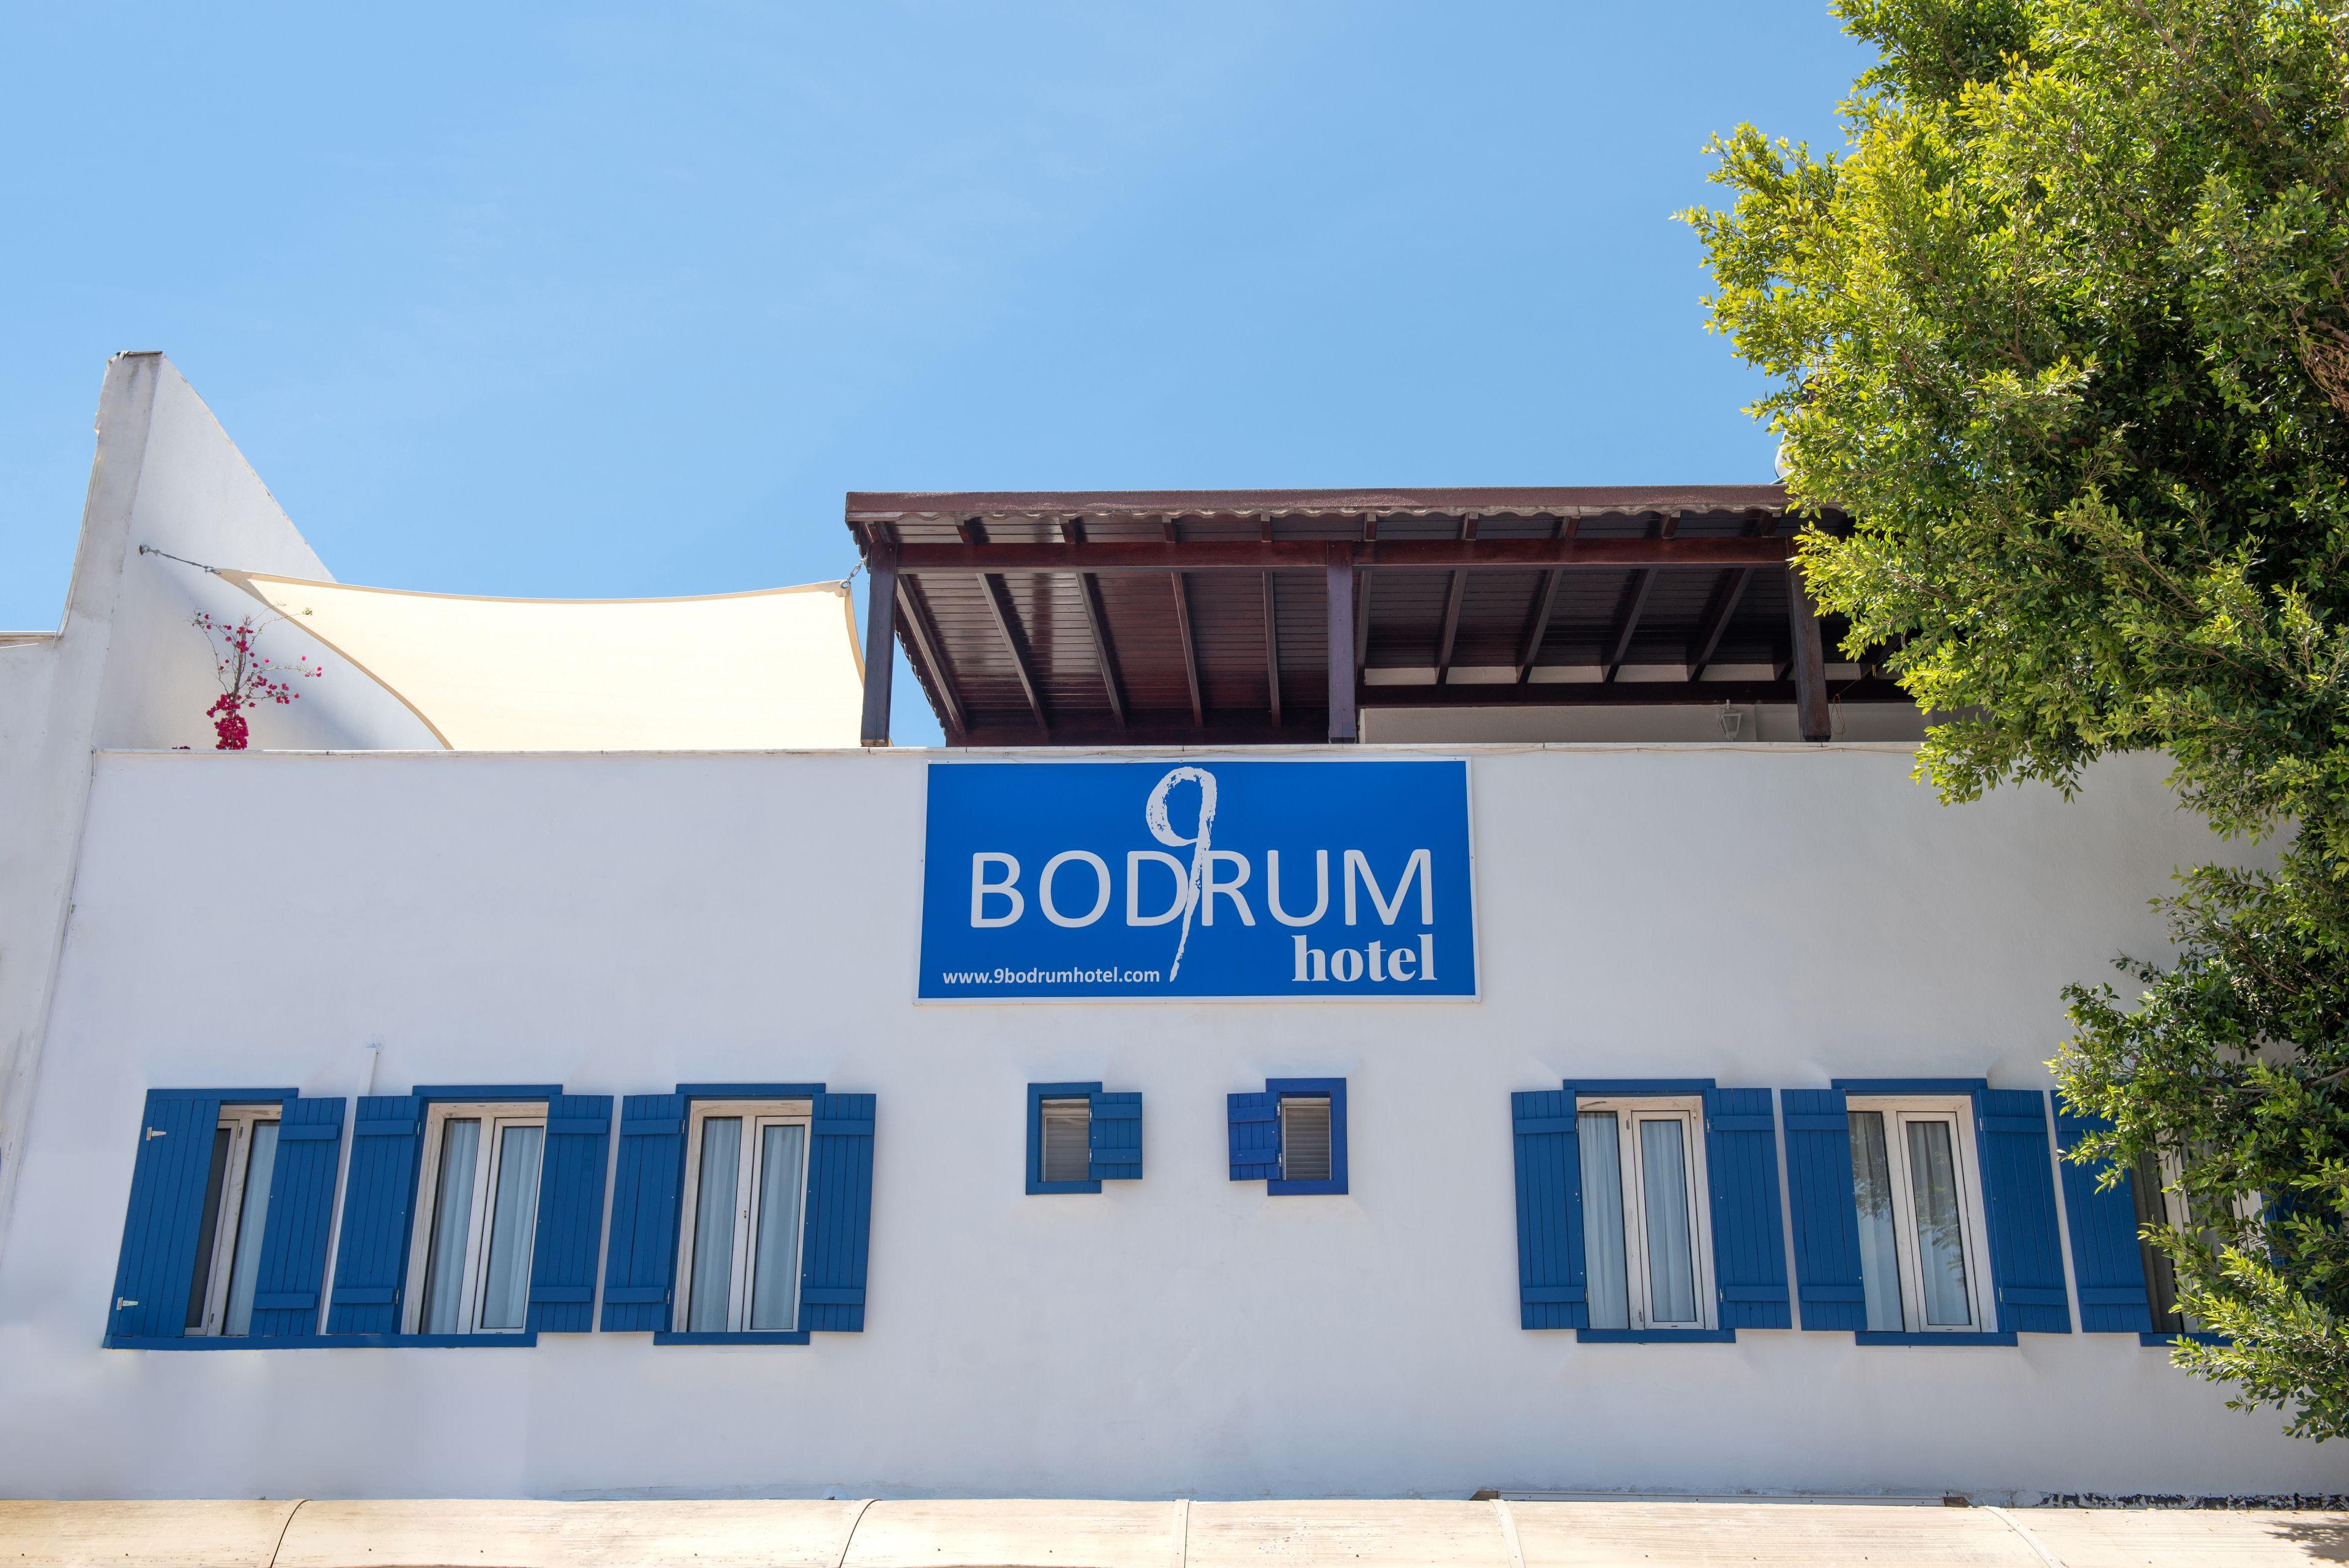 9bodrum Butik Hotel